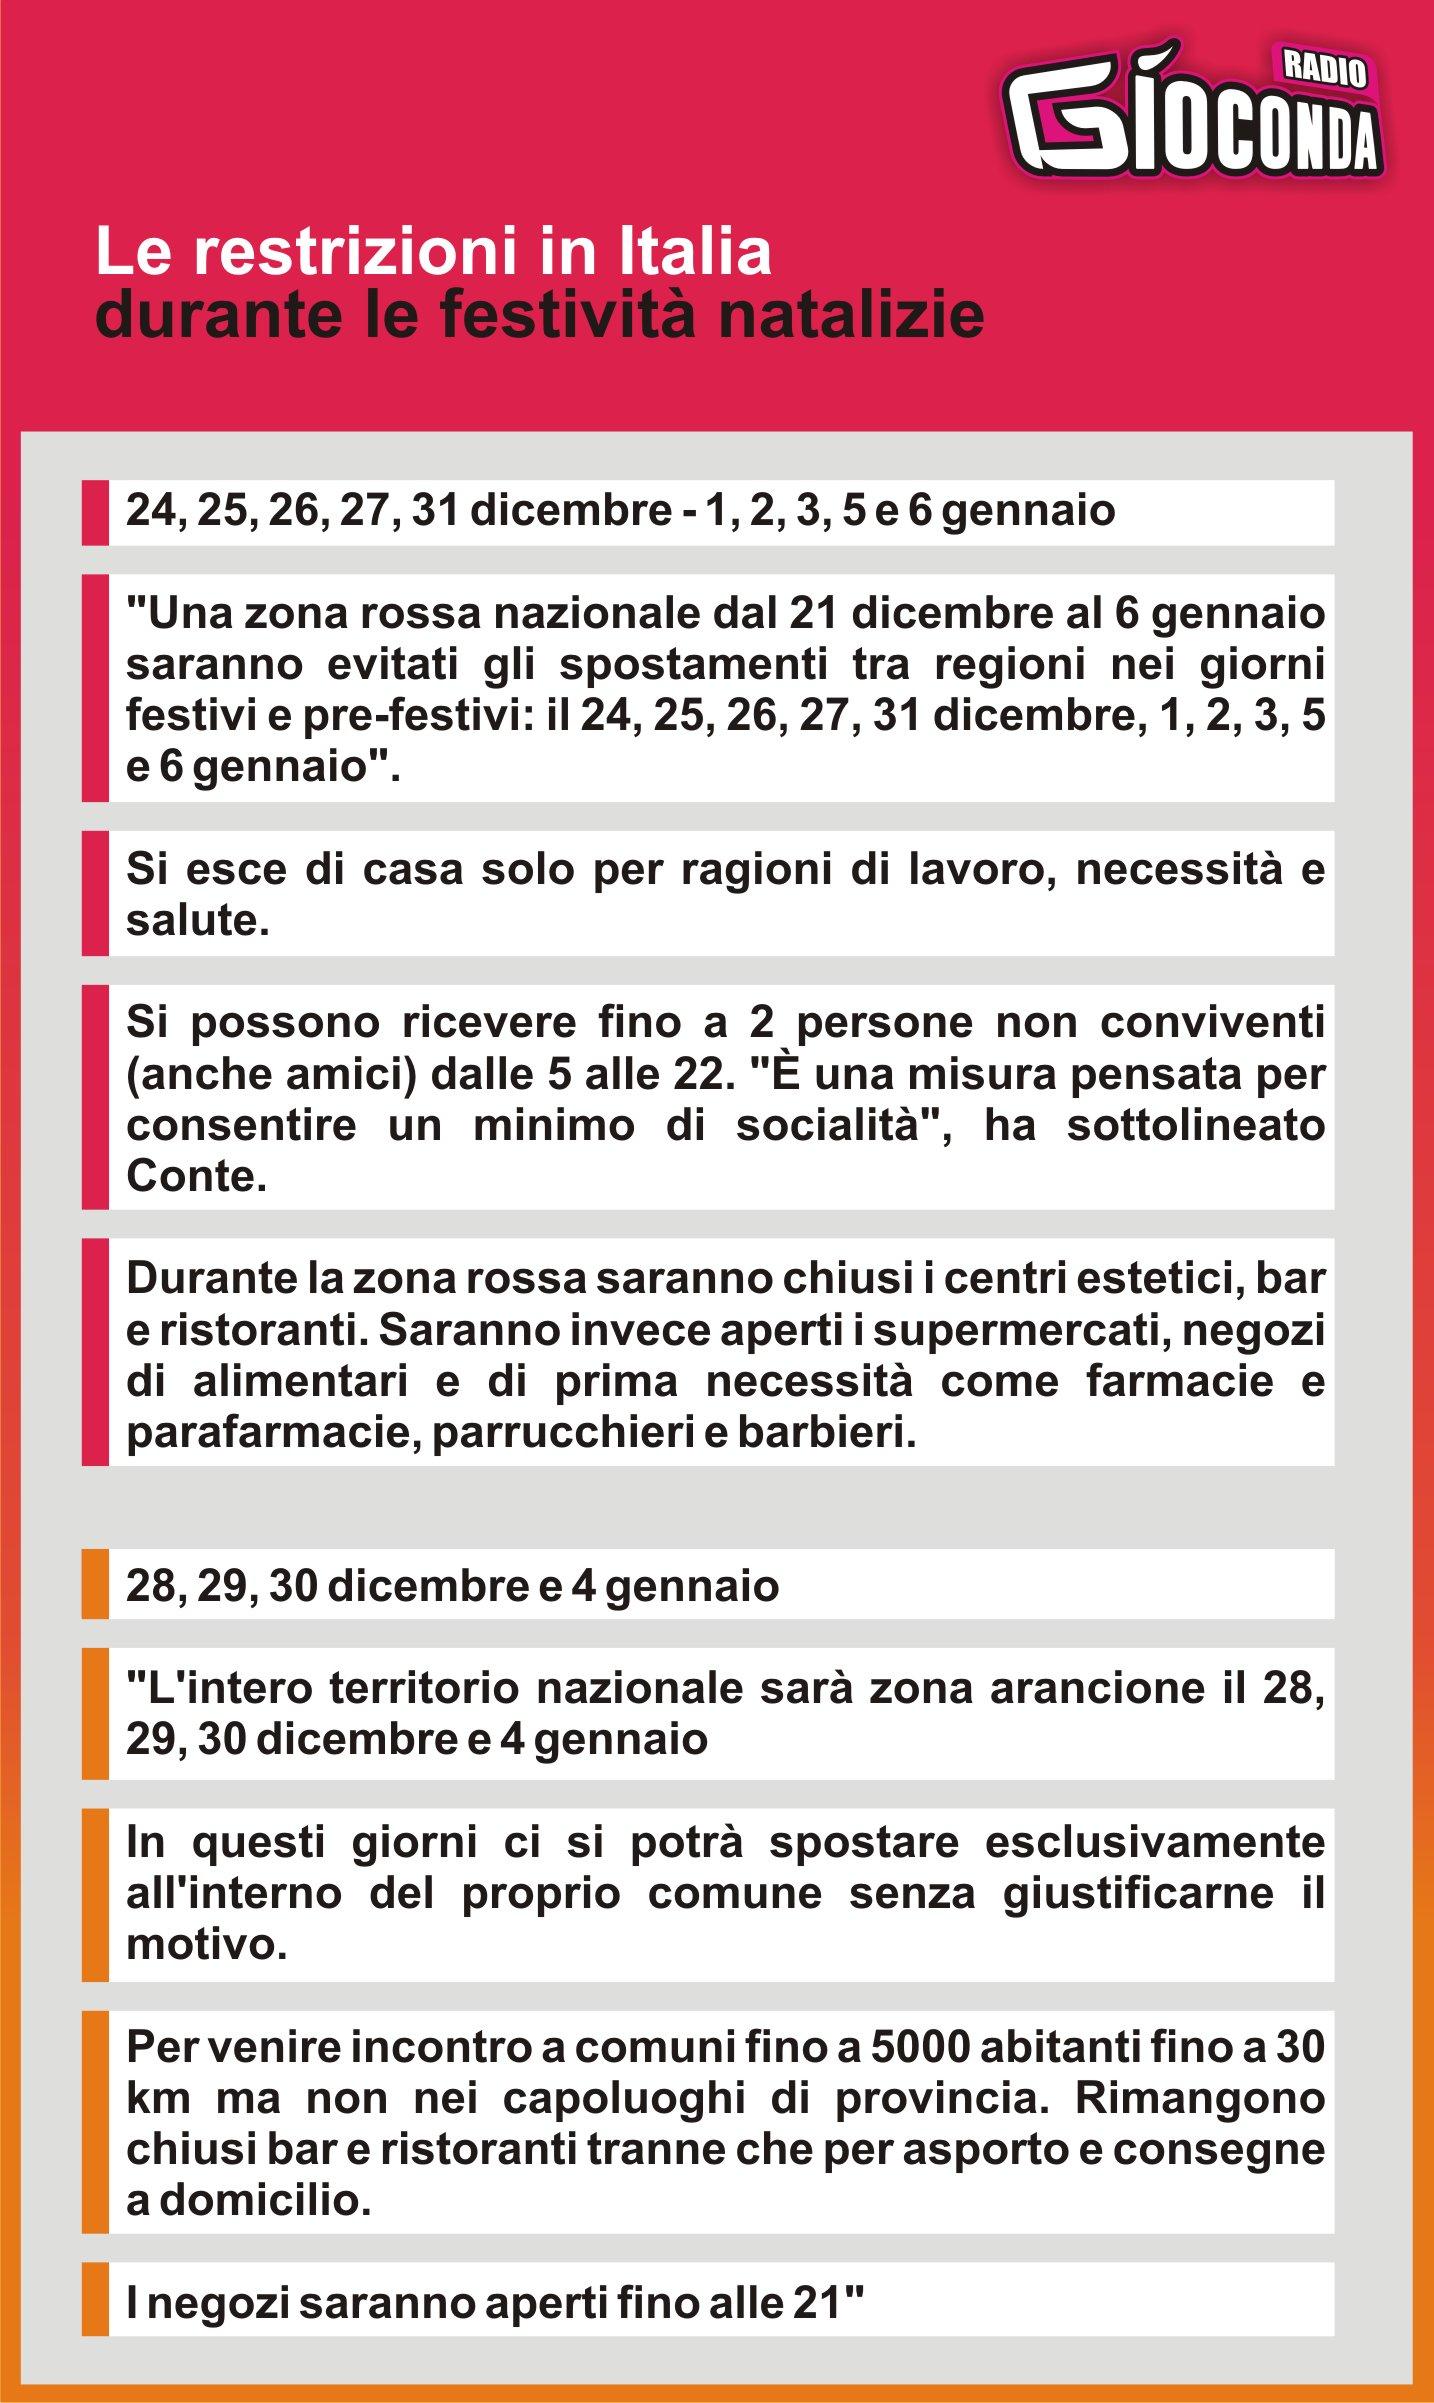 Le restrizioni in Italia durante le festività natalizie ⤵️